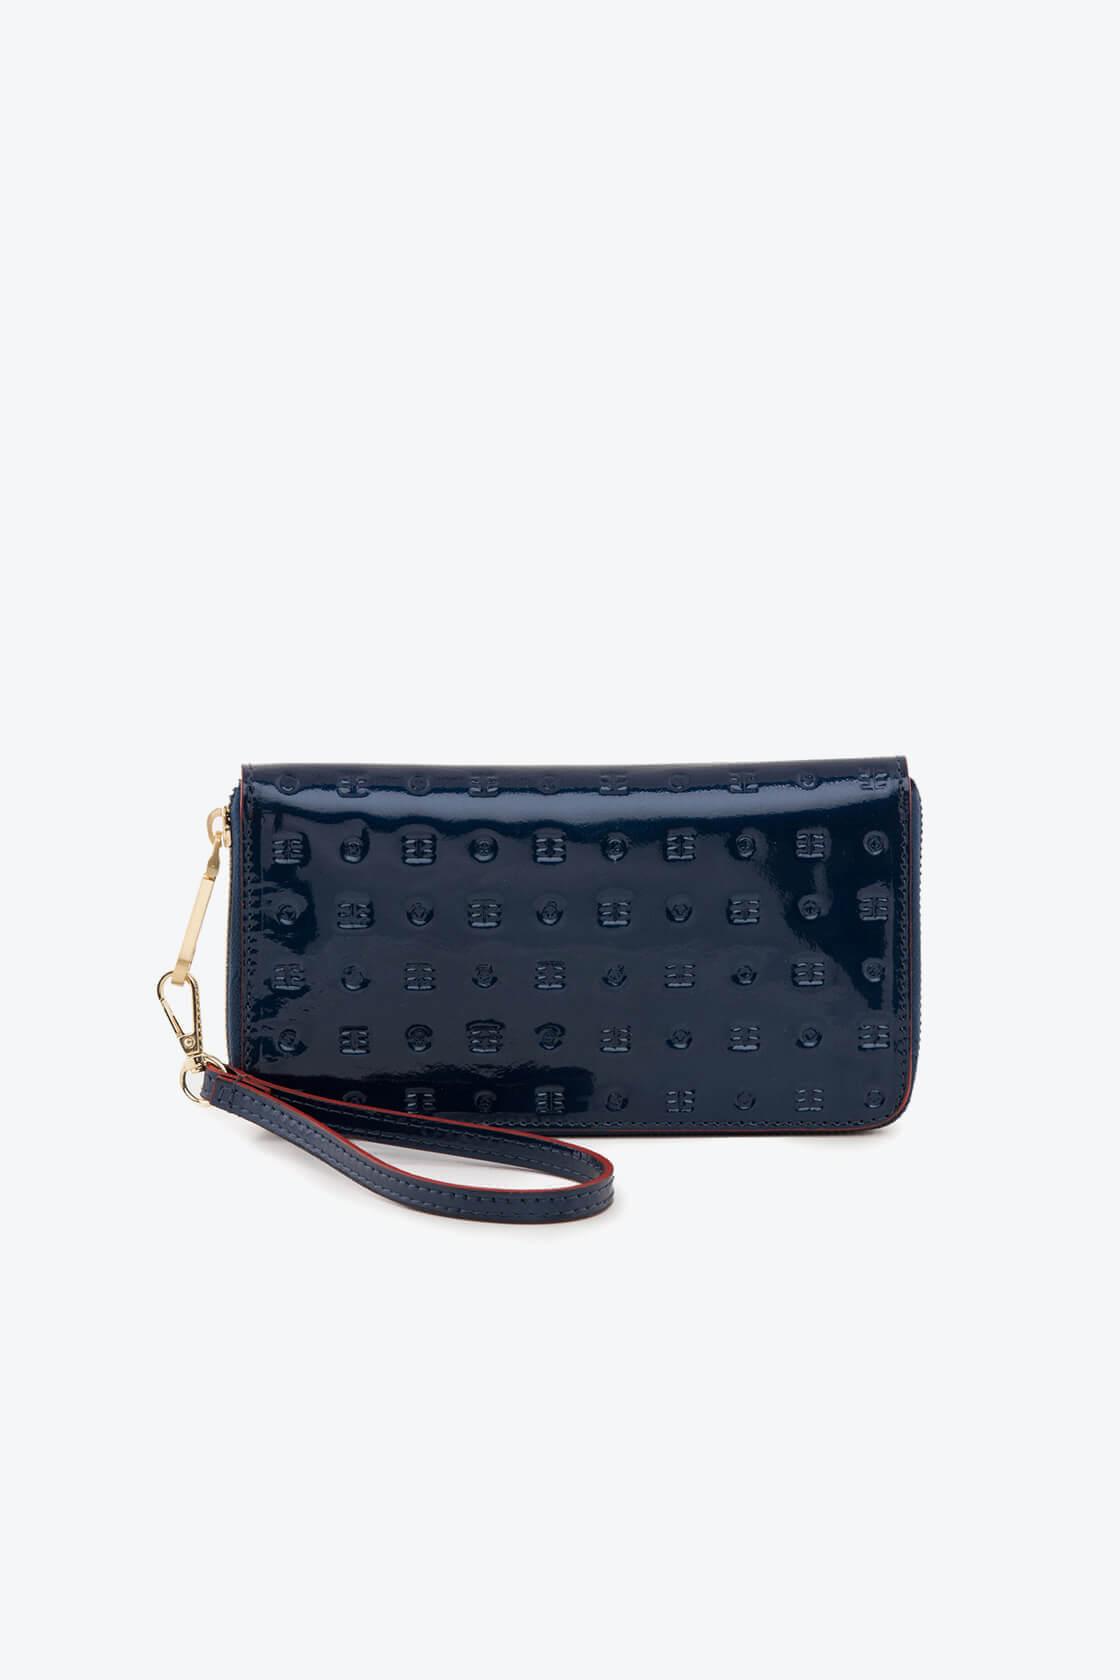 ol80000117 wristlet multi pockets wallet 1